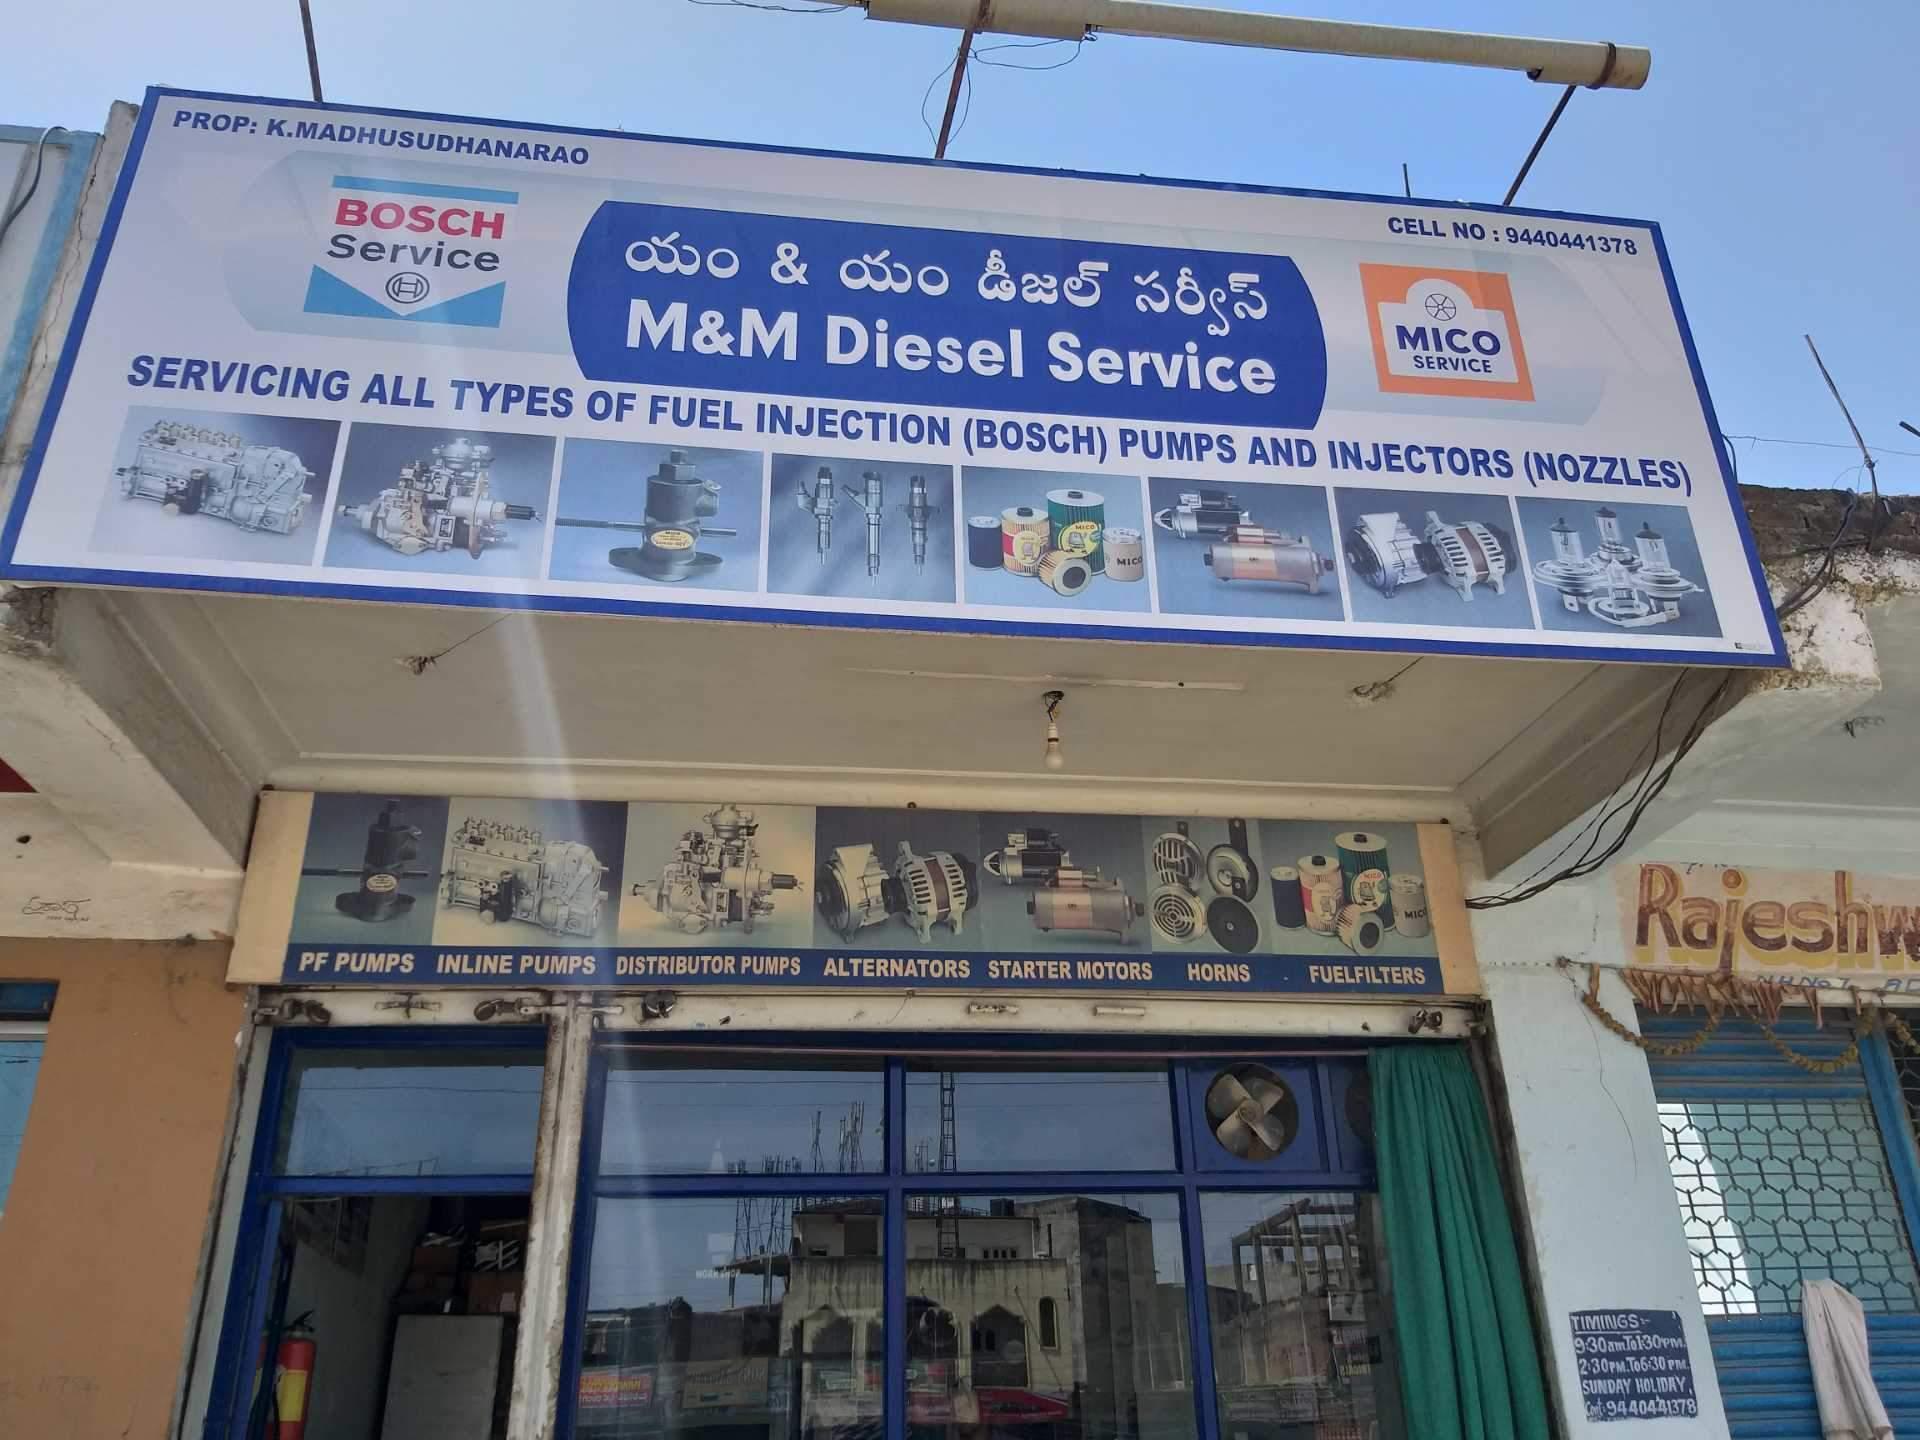 Top Mico Diesel Fuel Injection Pump Dealers in Adilabad